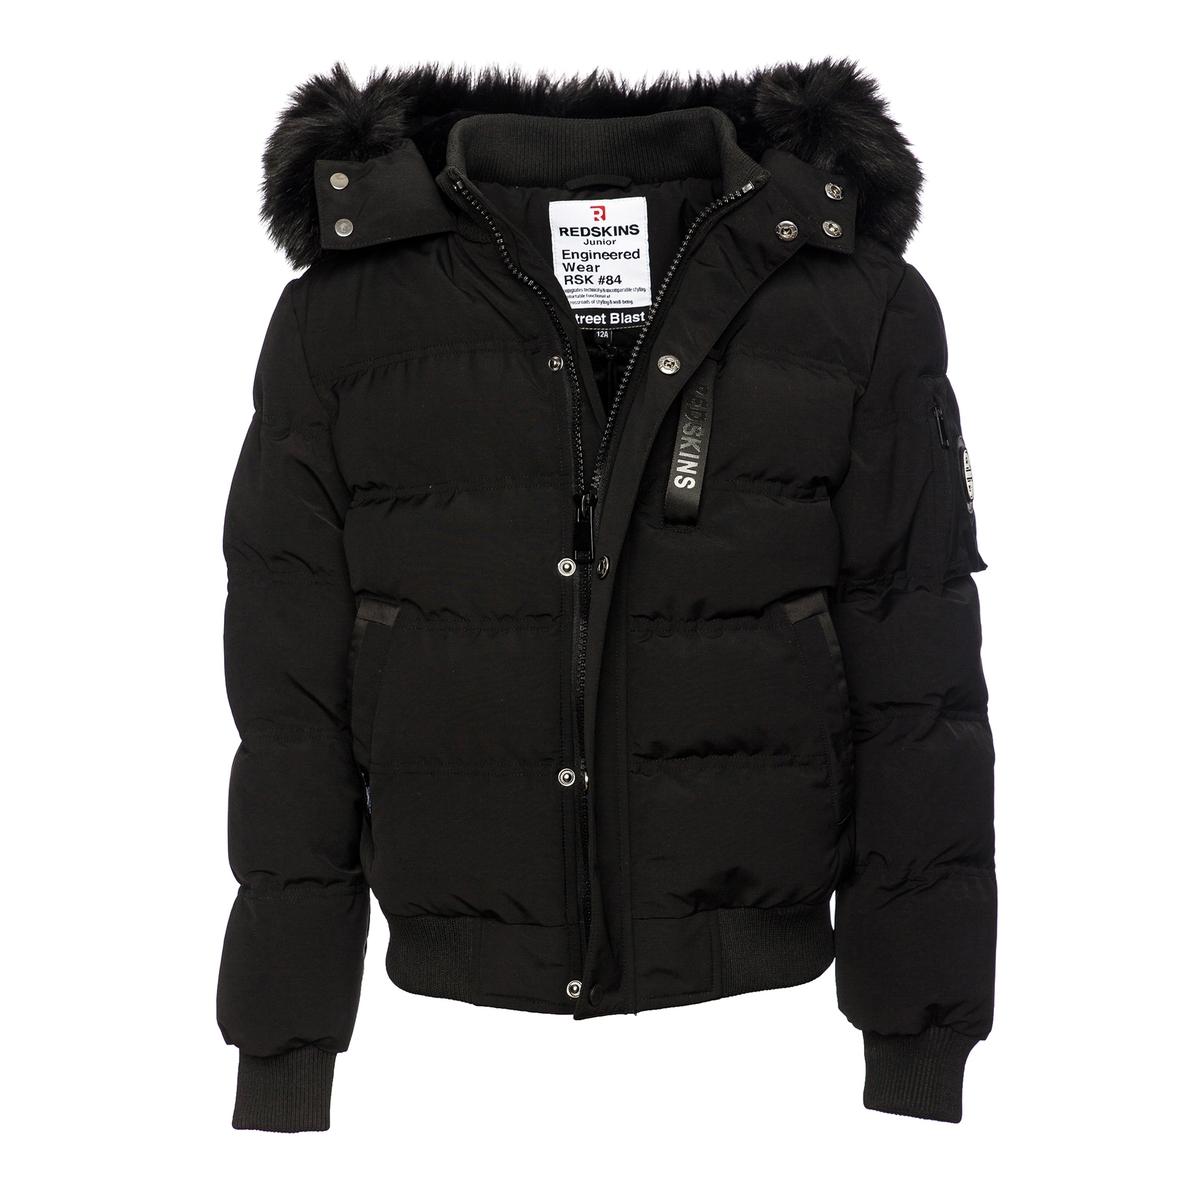 Куртка La Redoute Стеганая с капюшоном оторочкой из искусственного меха 10 лет - 138 см черный